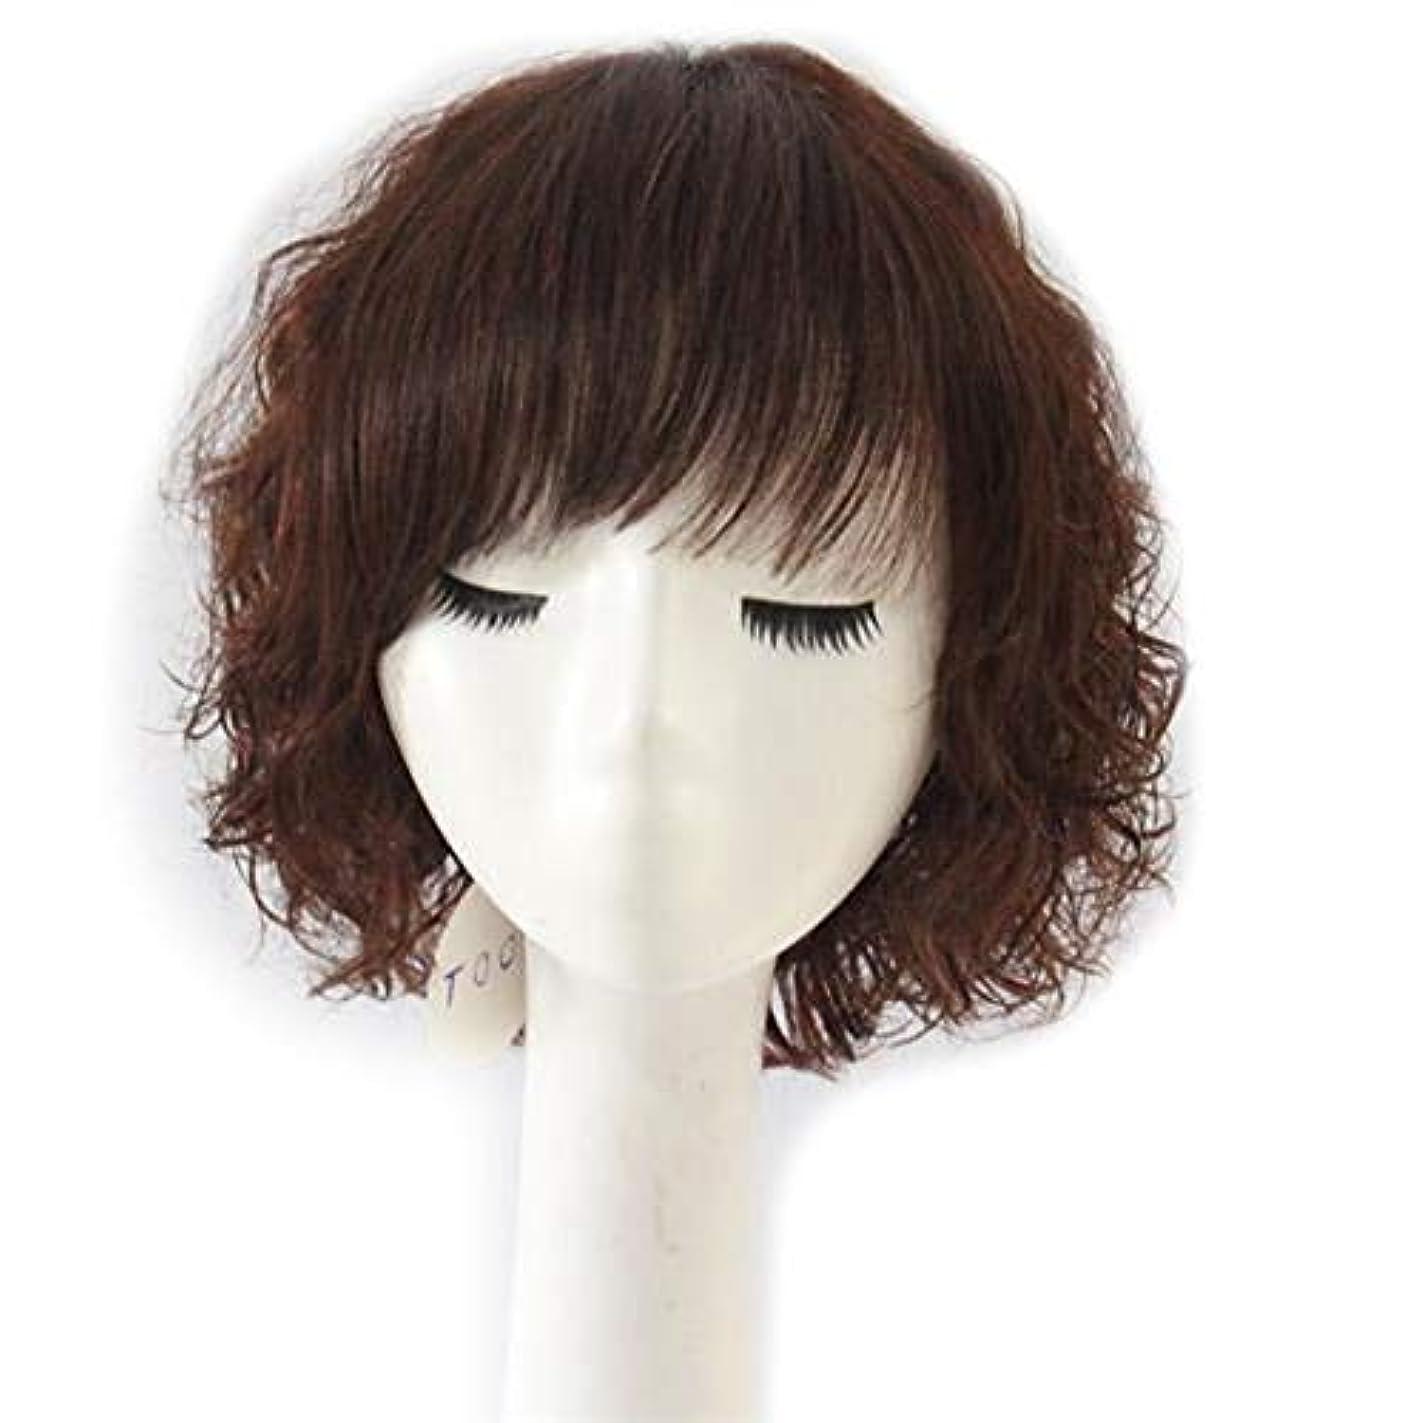 専門知識お別れこしょうYOUQIU 母のギフトかつらのために女性のふわふわショートカーリーヘアのフル実ヘアウィッグファッションウィッグナチュラル (色 : Dark brown)